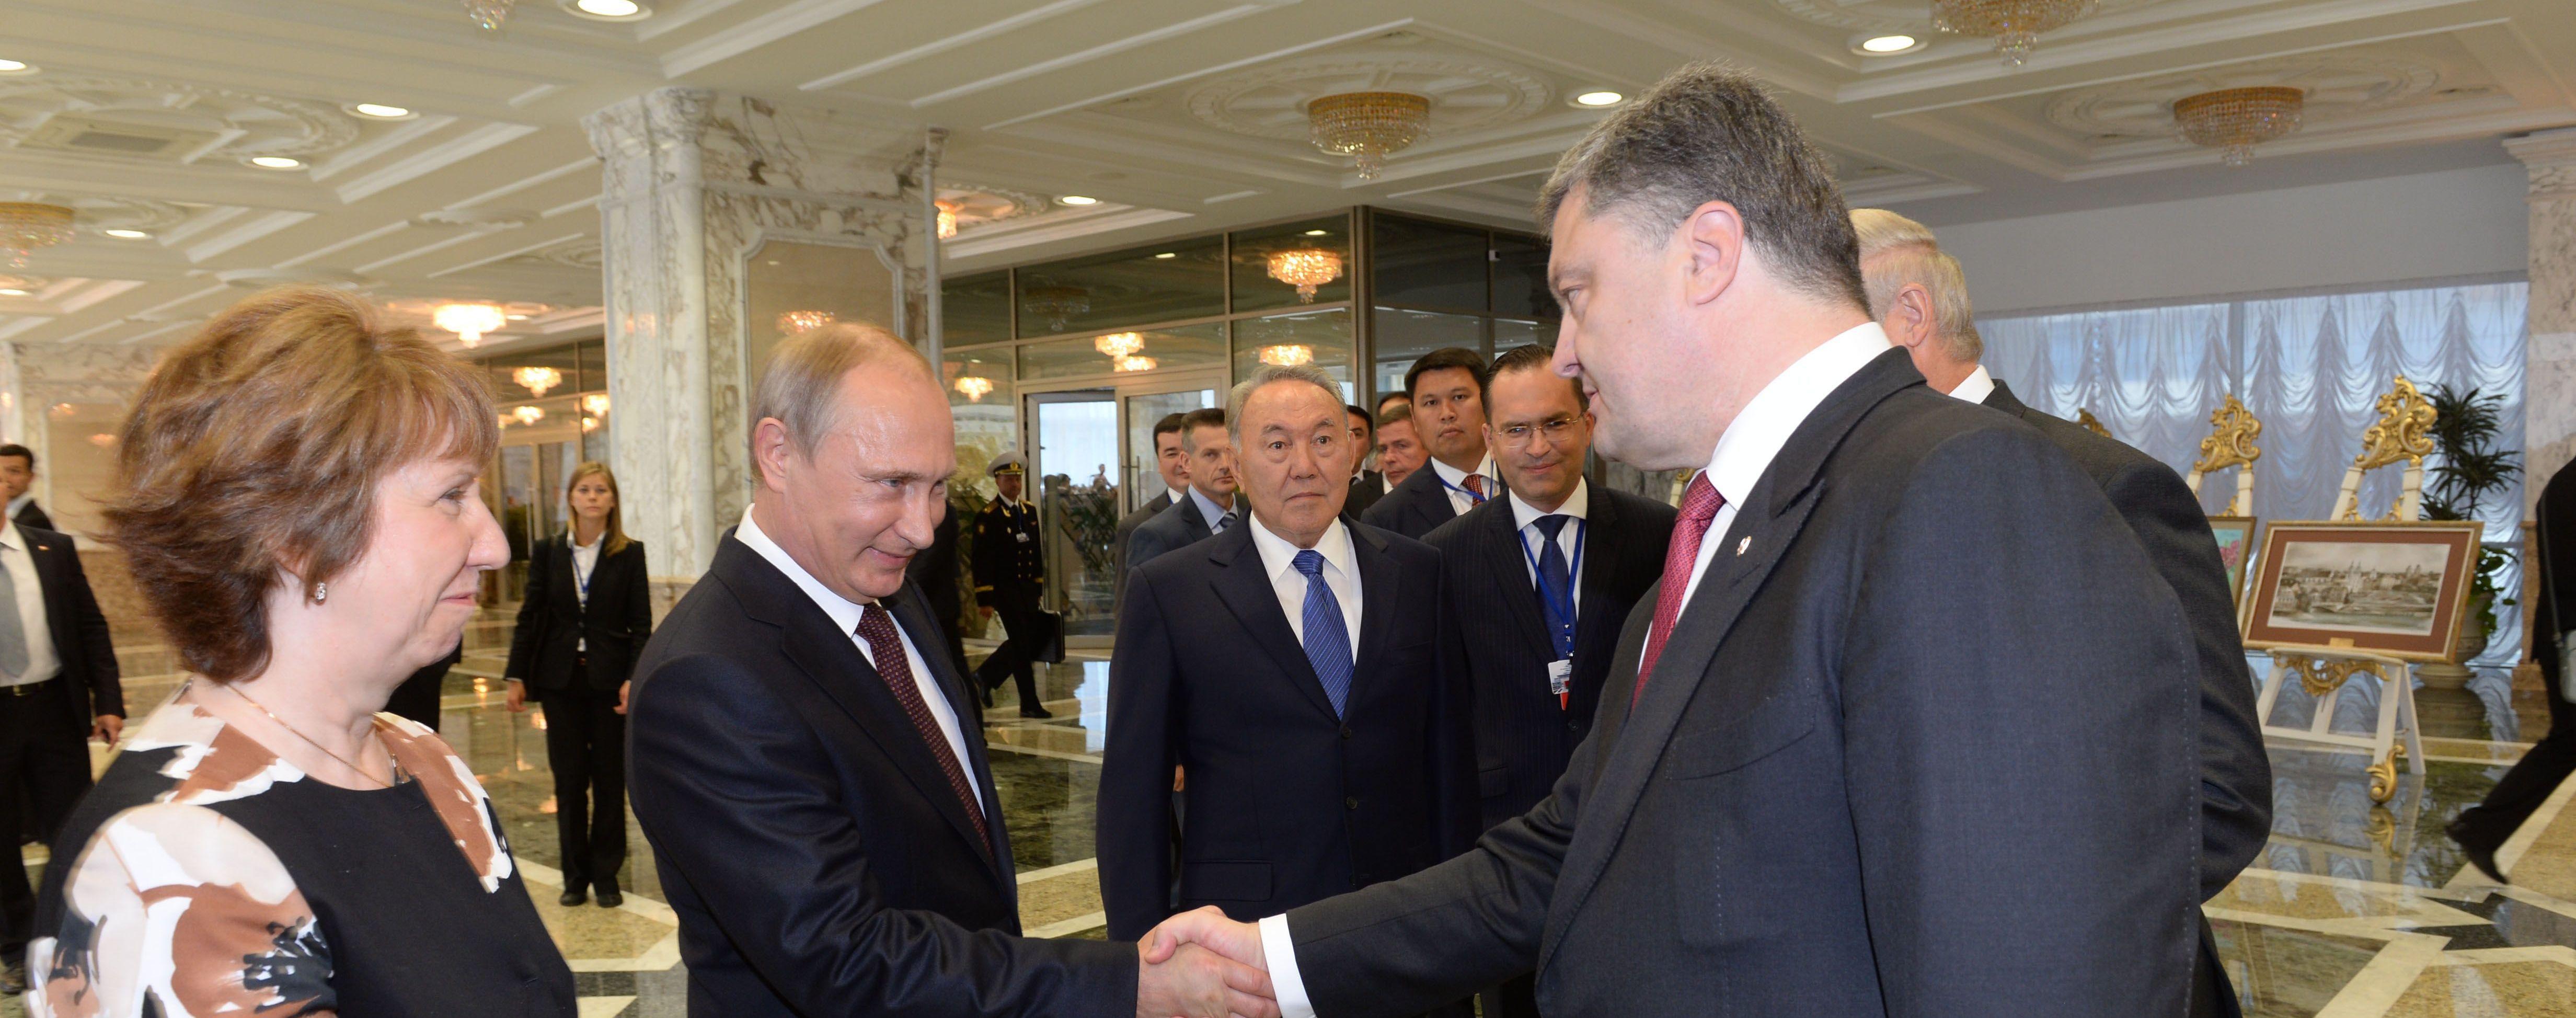 Порошенко и Путин провели телефонный разговор: договорились о визитах омбудсменов к заключенным гражданам